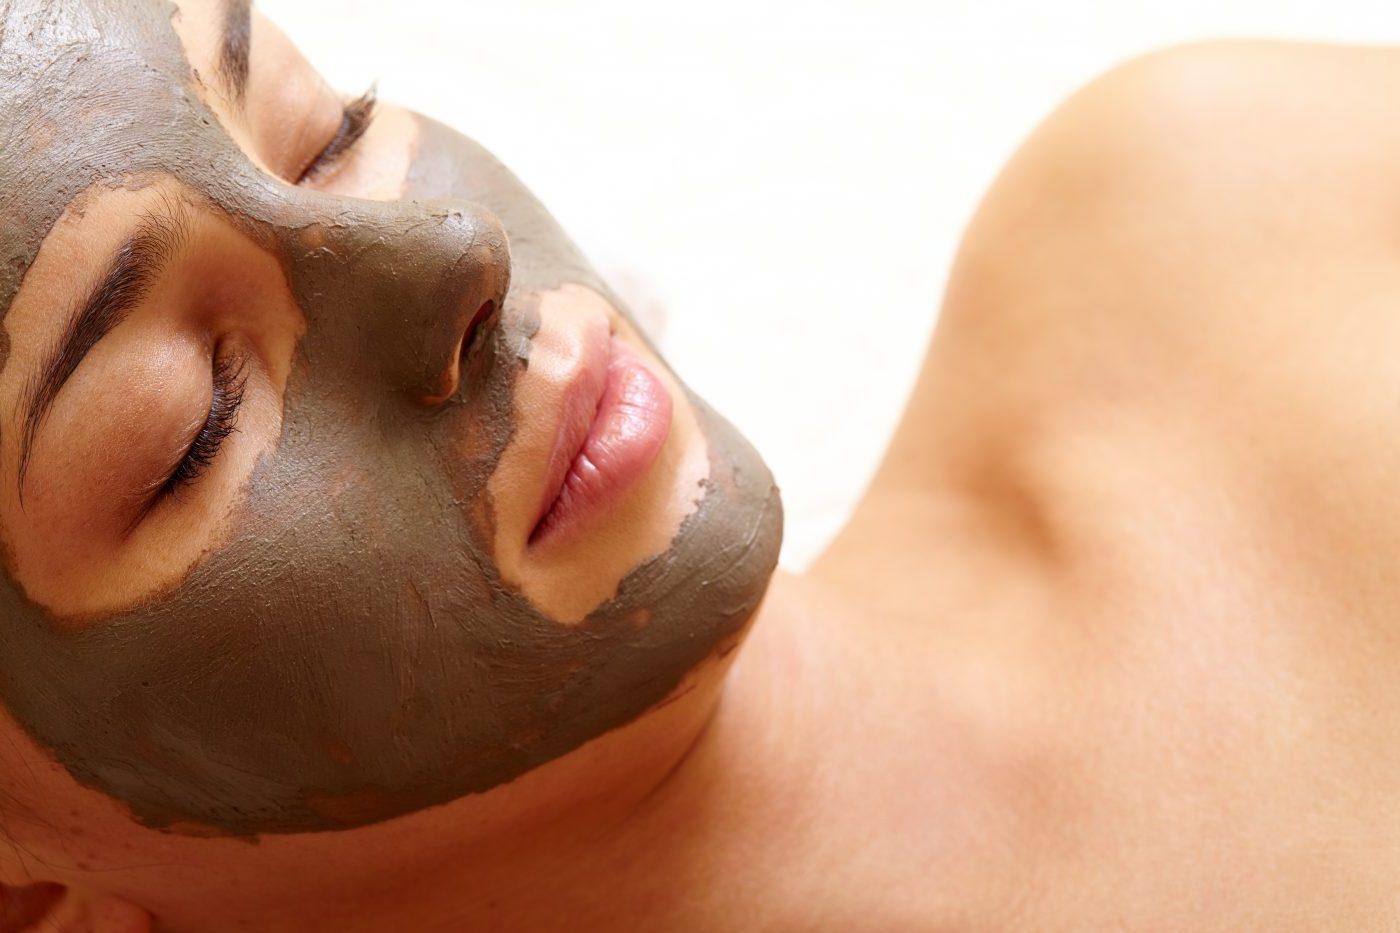 massage - IMG 5740 1853 e1502756131383 - Massage